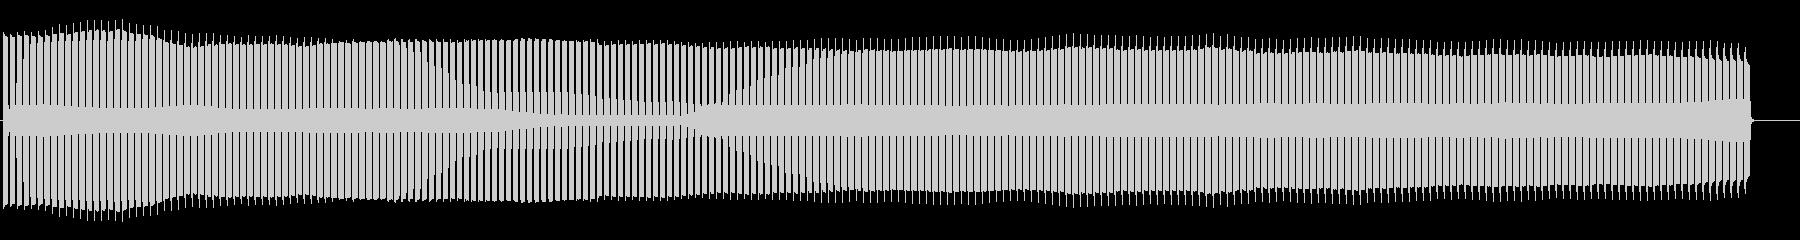 火災警報音の未再生の波形